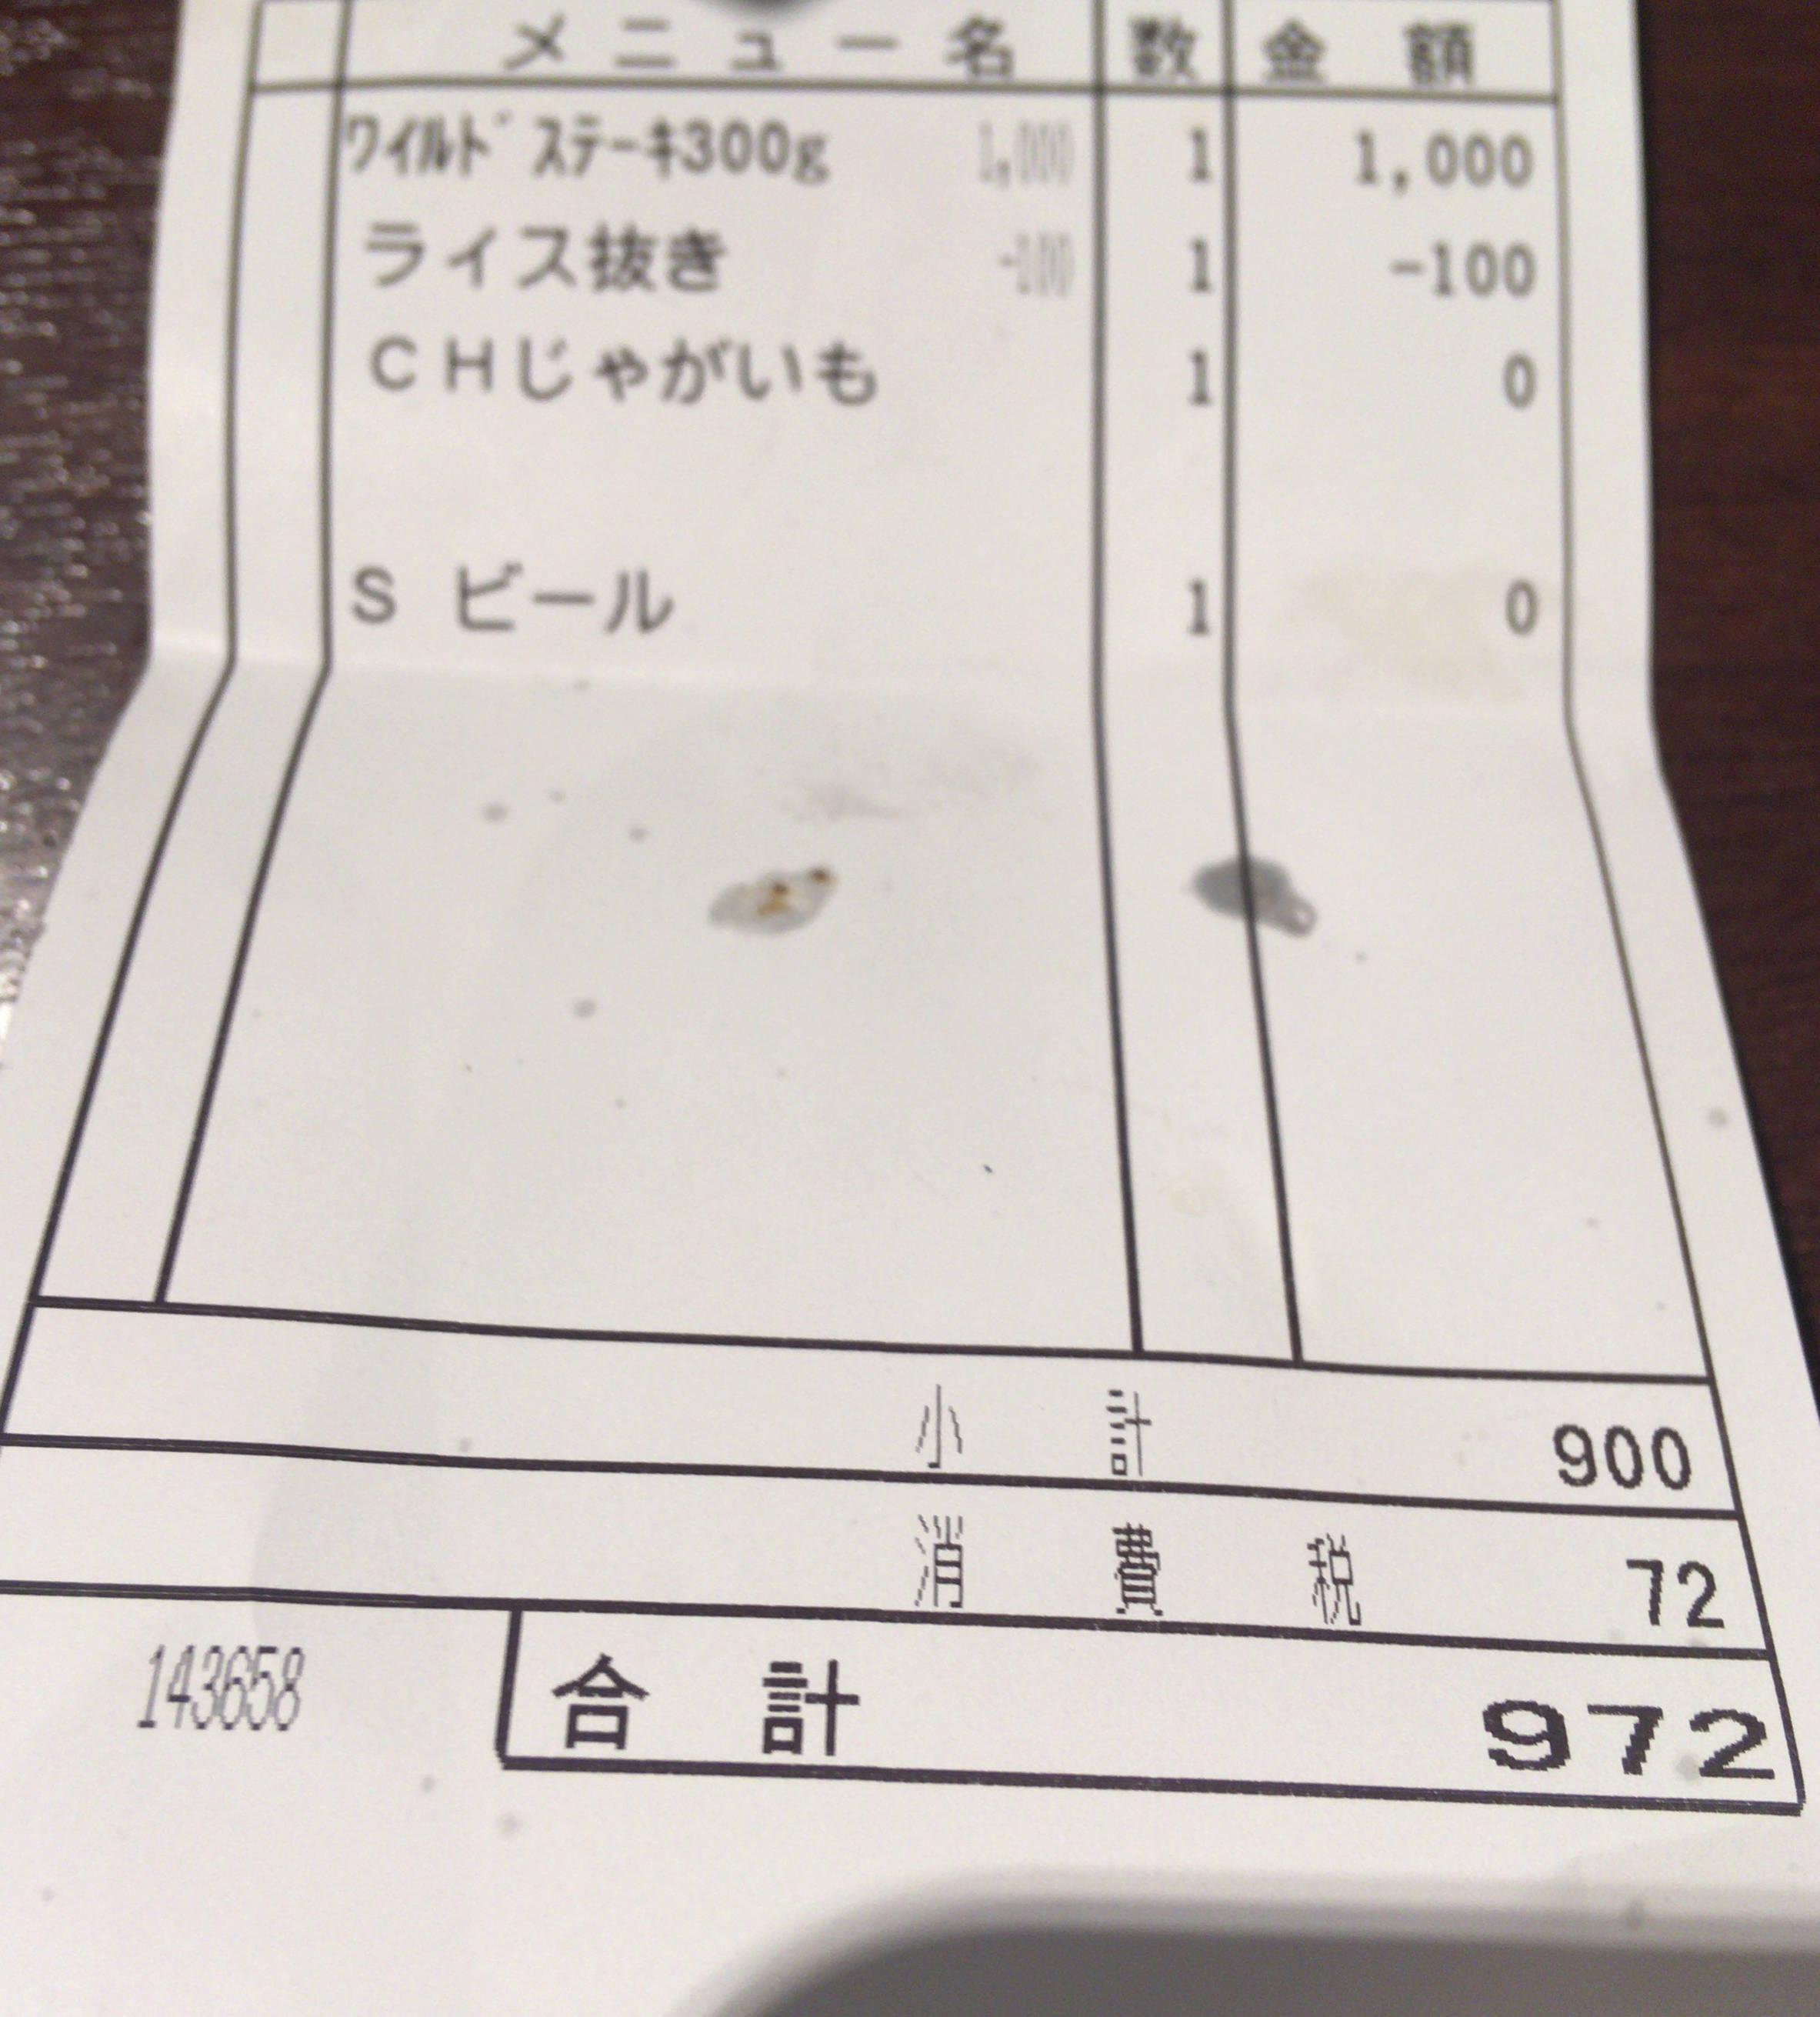 この日のワイルドステーキ300gライス抜きの価格